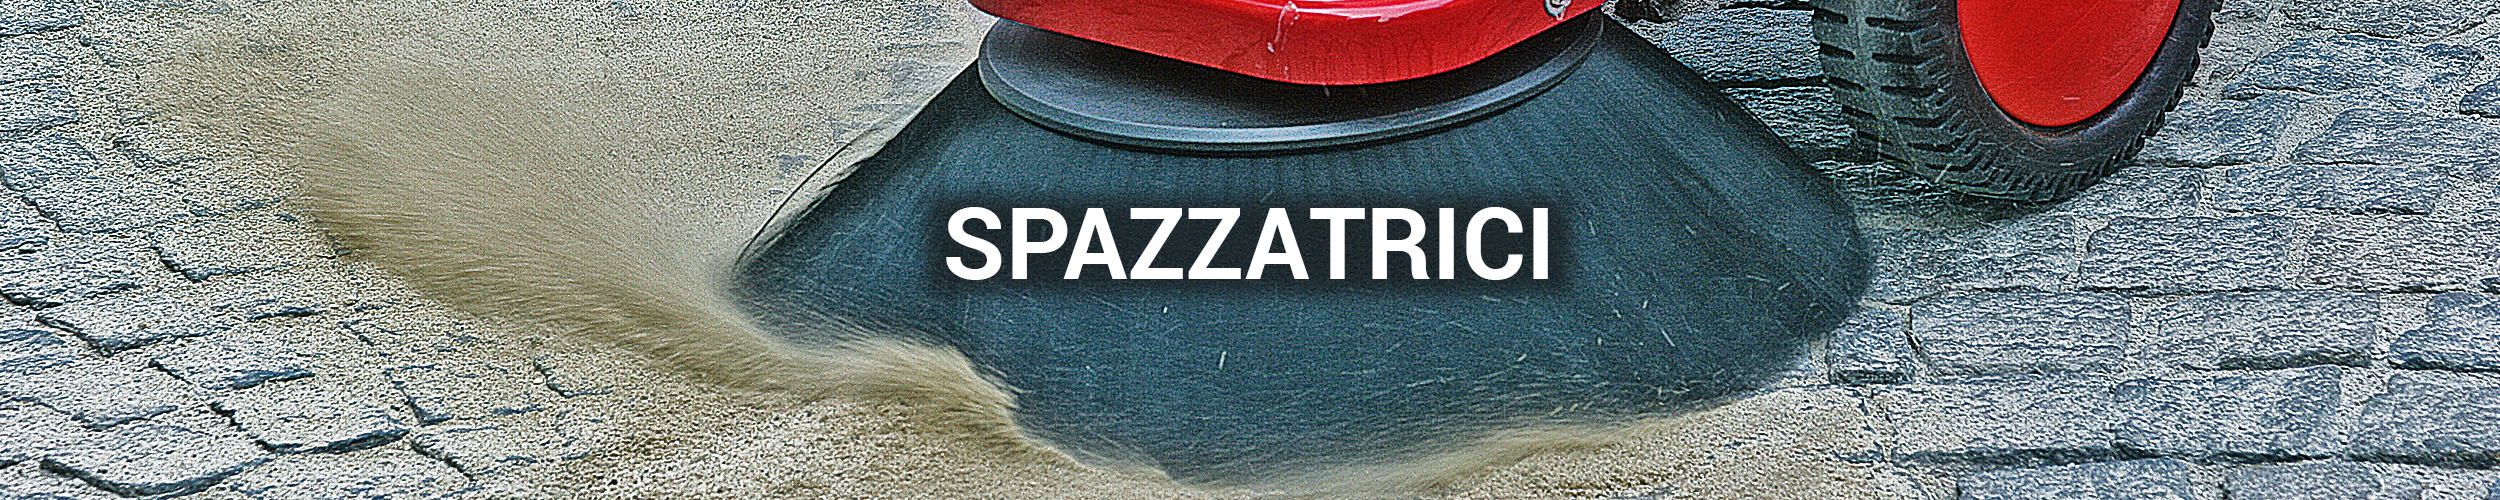 spazzatrici+pulizia+industriale+e+pulizia+professionale+biemmedue.png